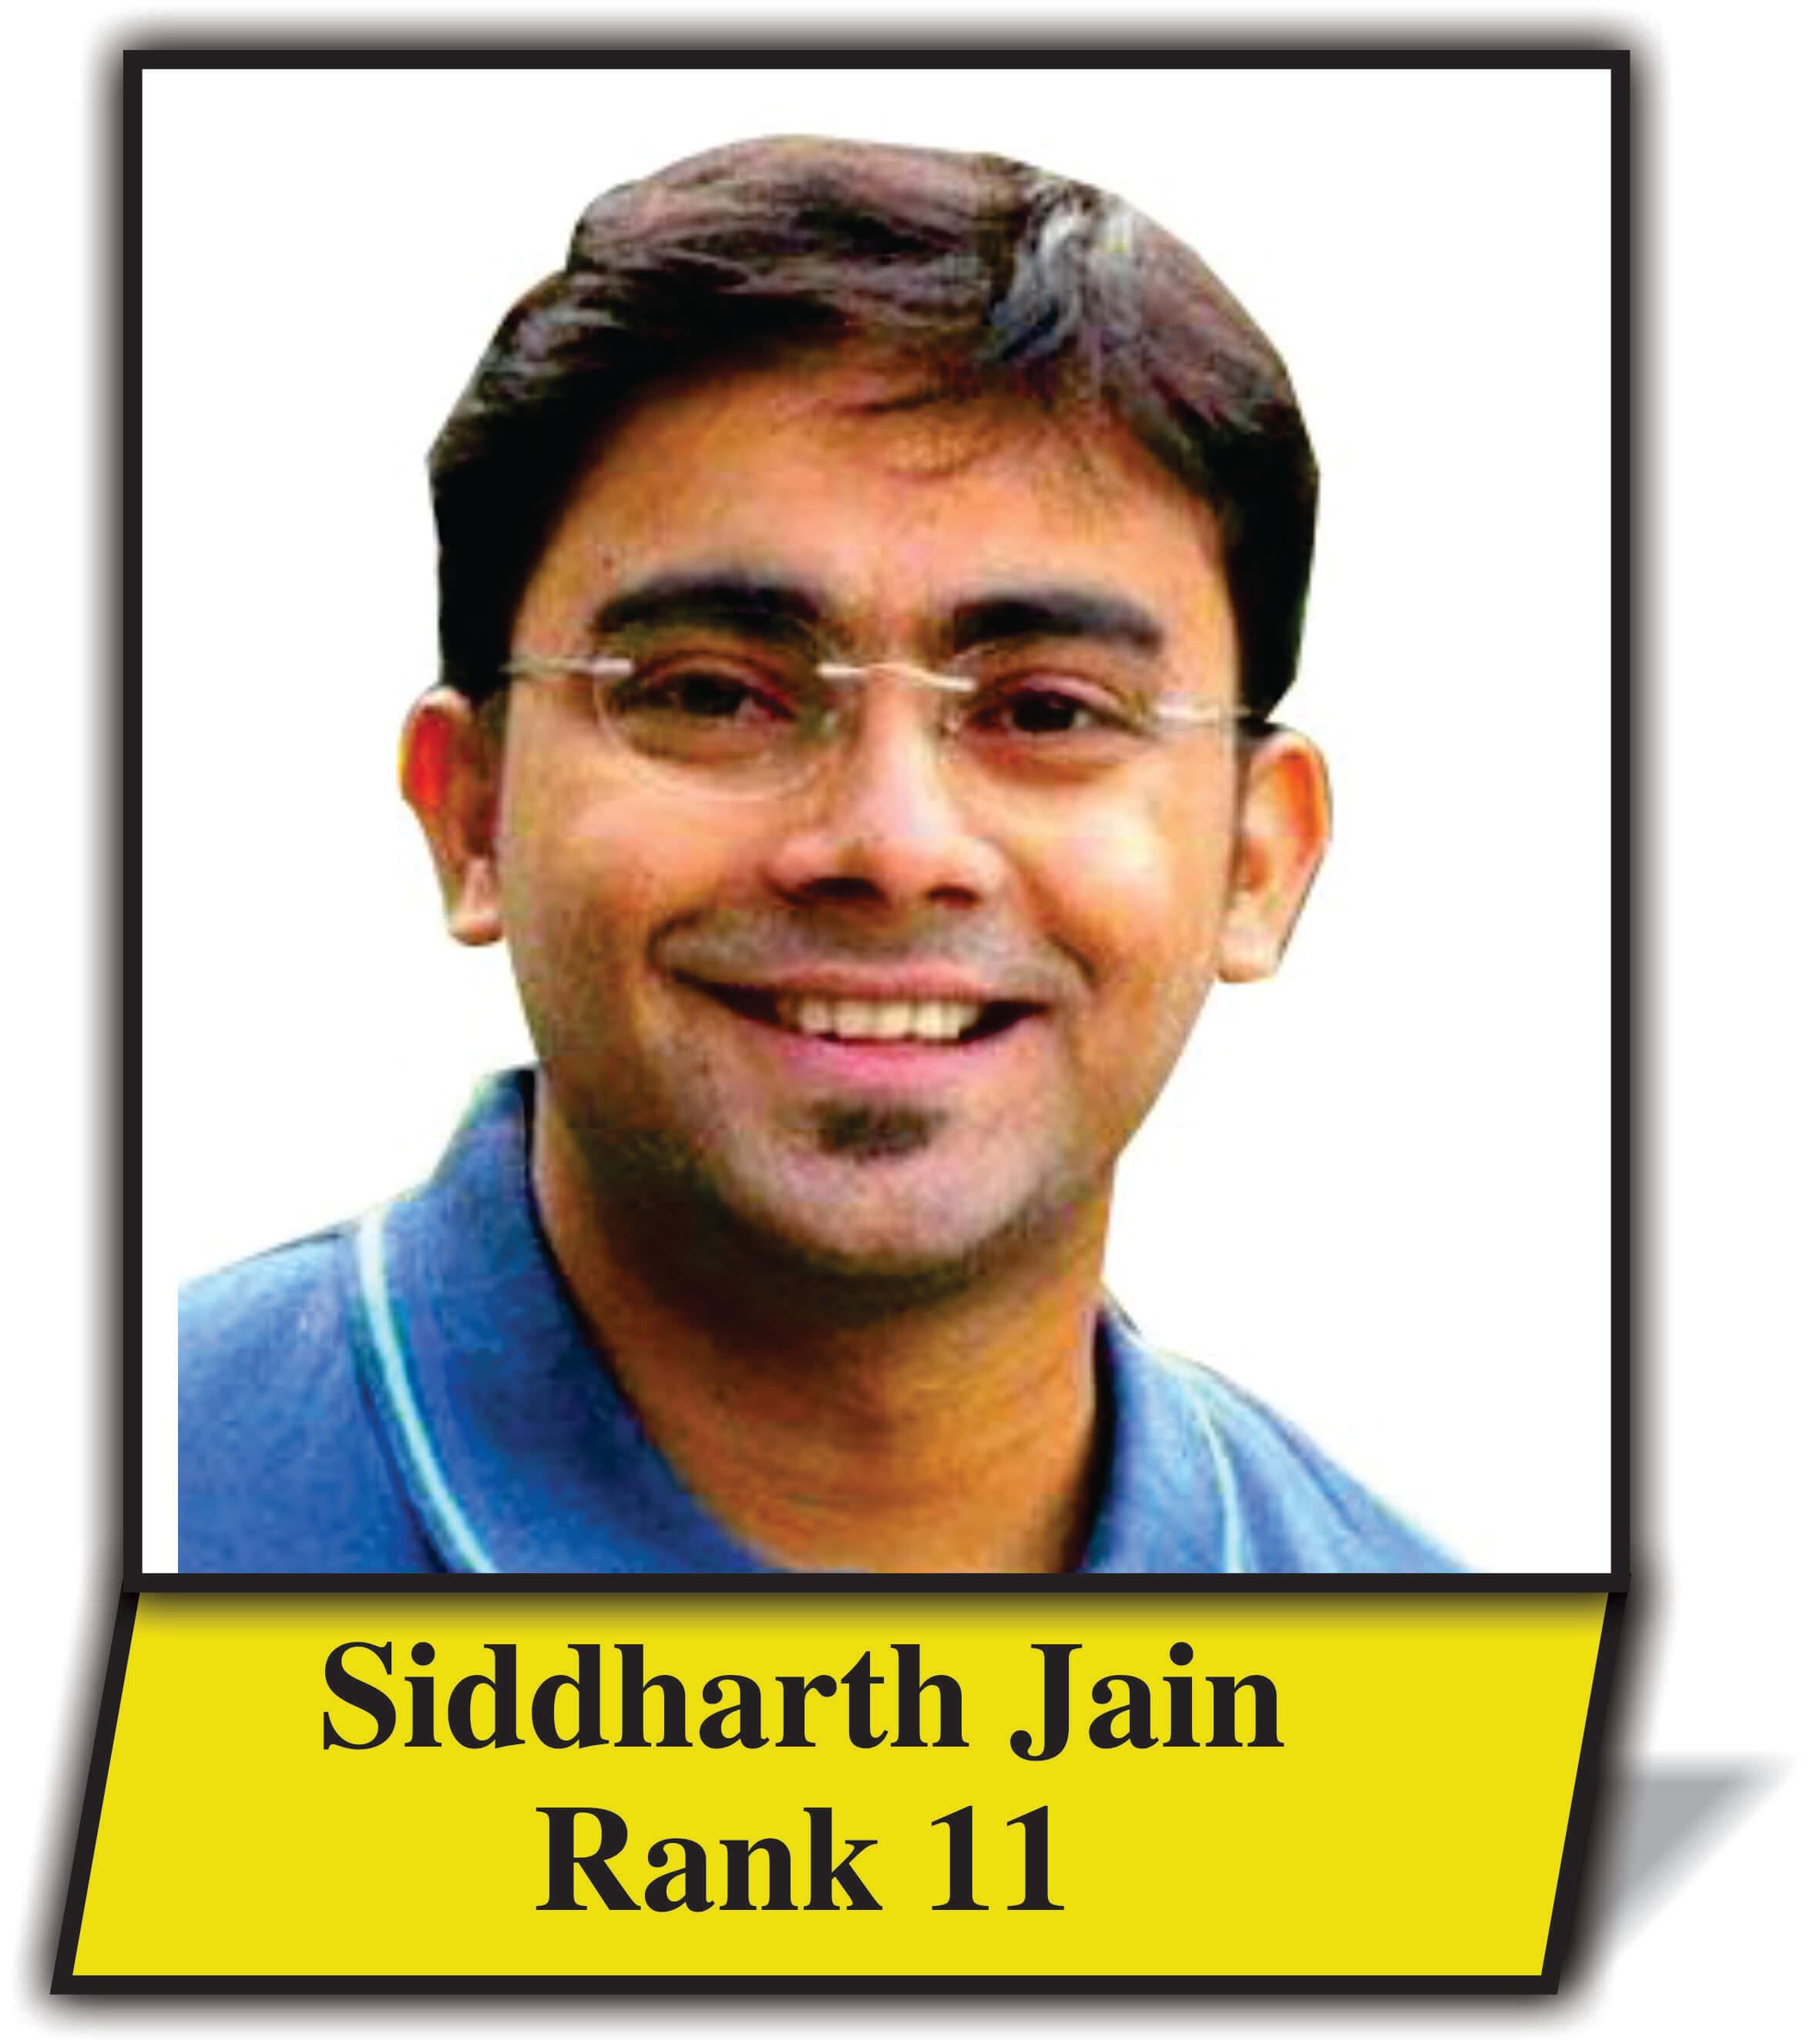 ias ips coaching institutes in delhi